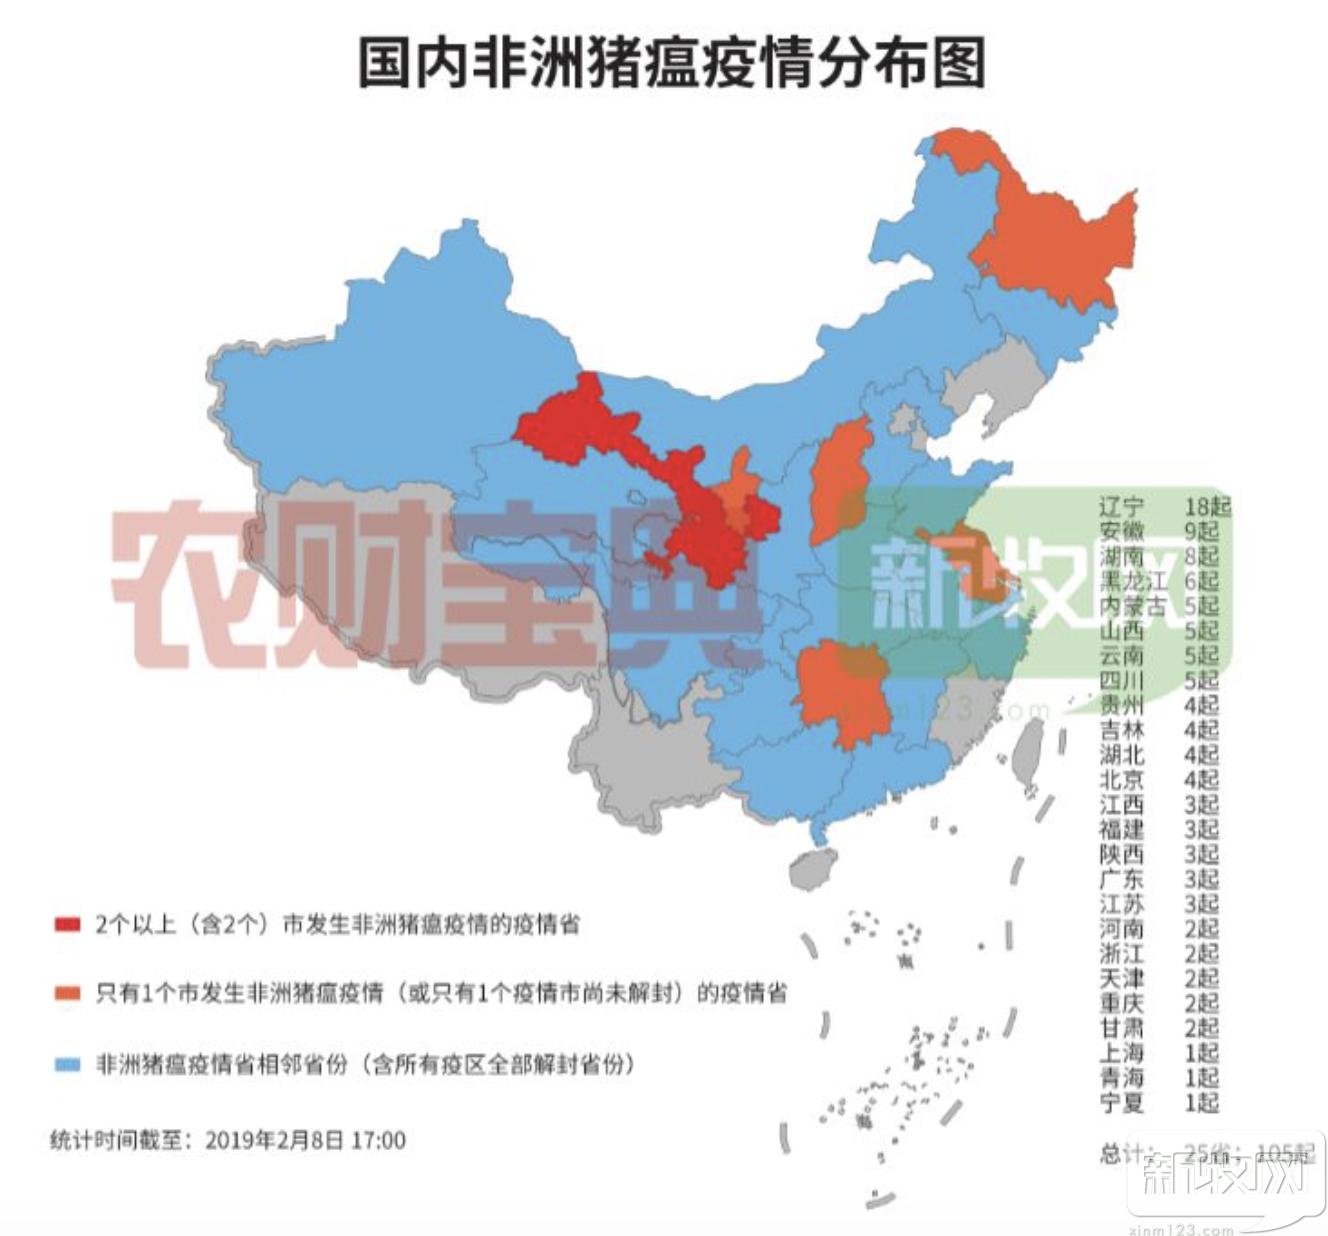 好消息!广东省非洲猪瘟疫区全部解除封锁